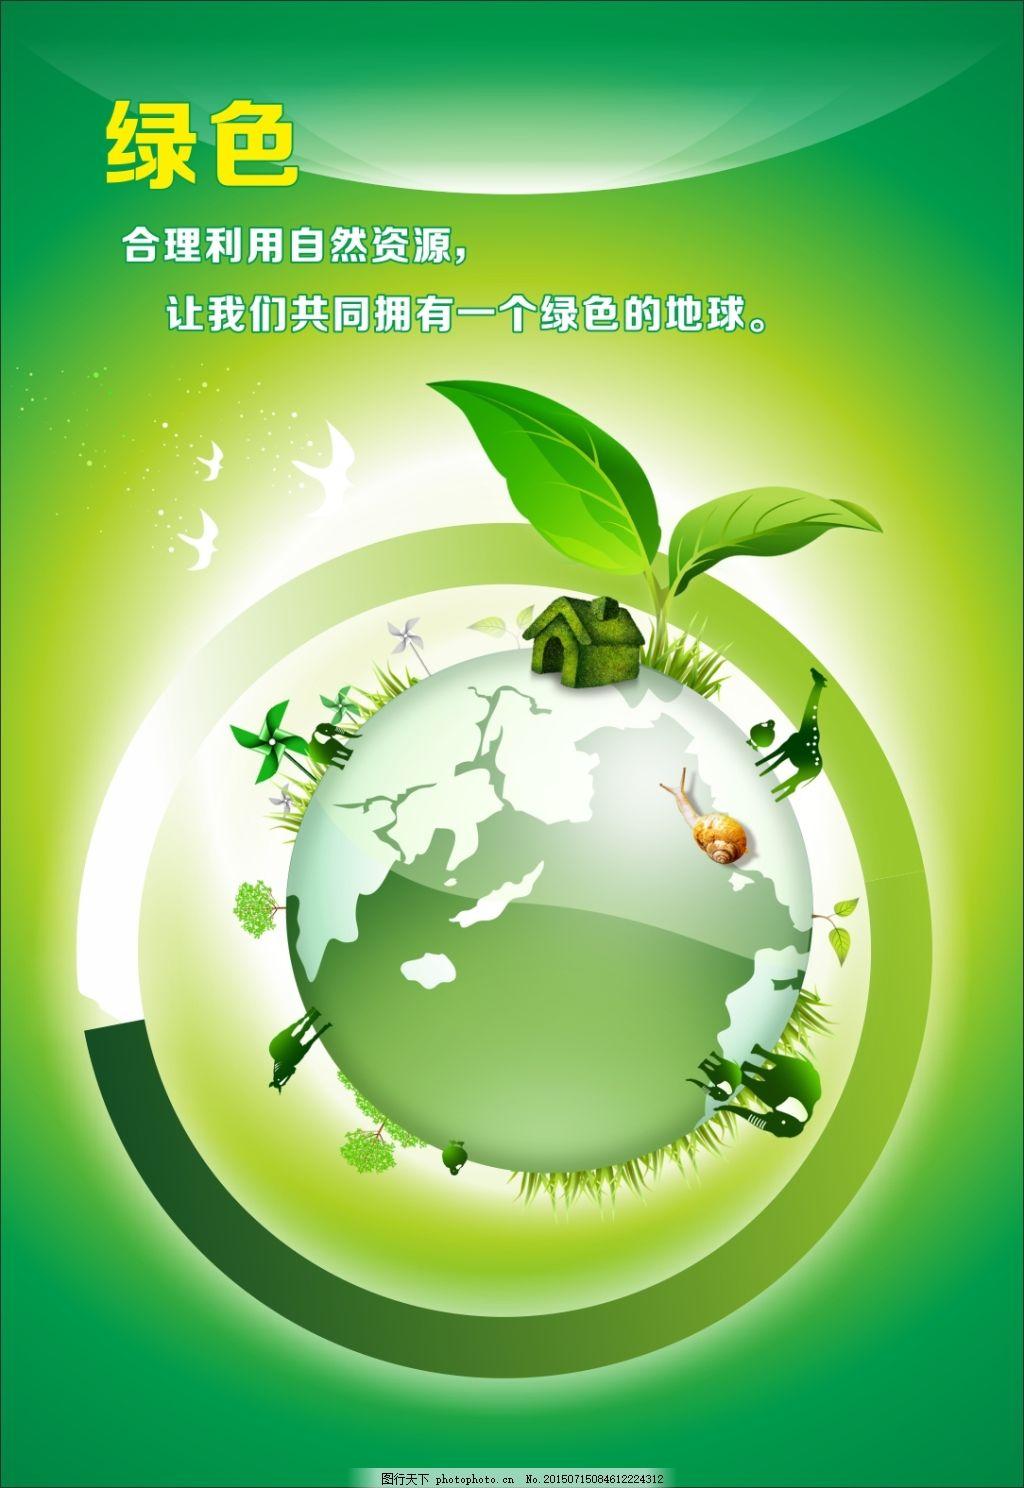 绿色标语 绿色环保海报免费下载 模板 时尚 炫彩图片